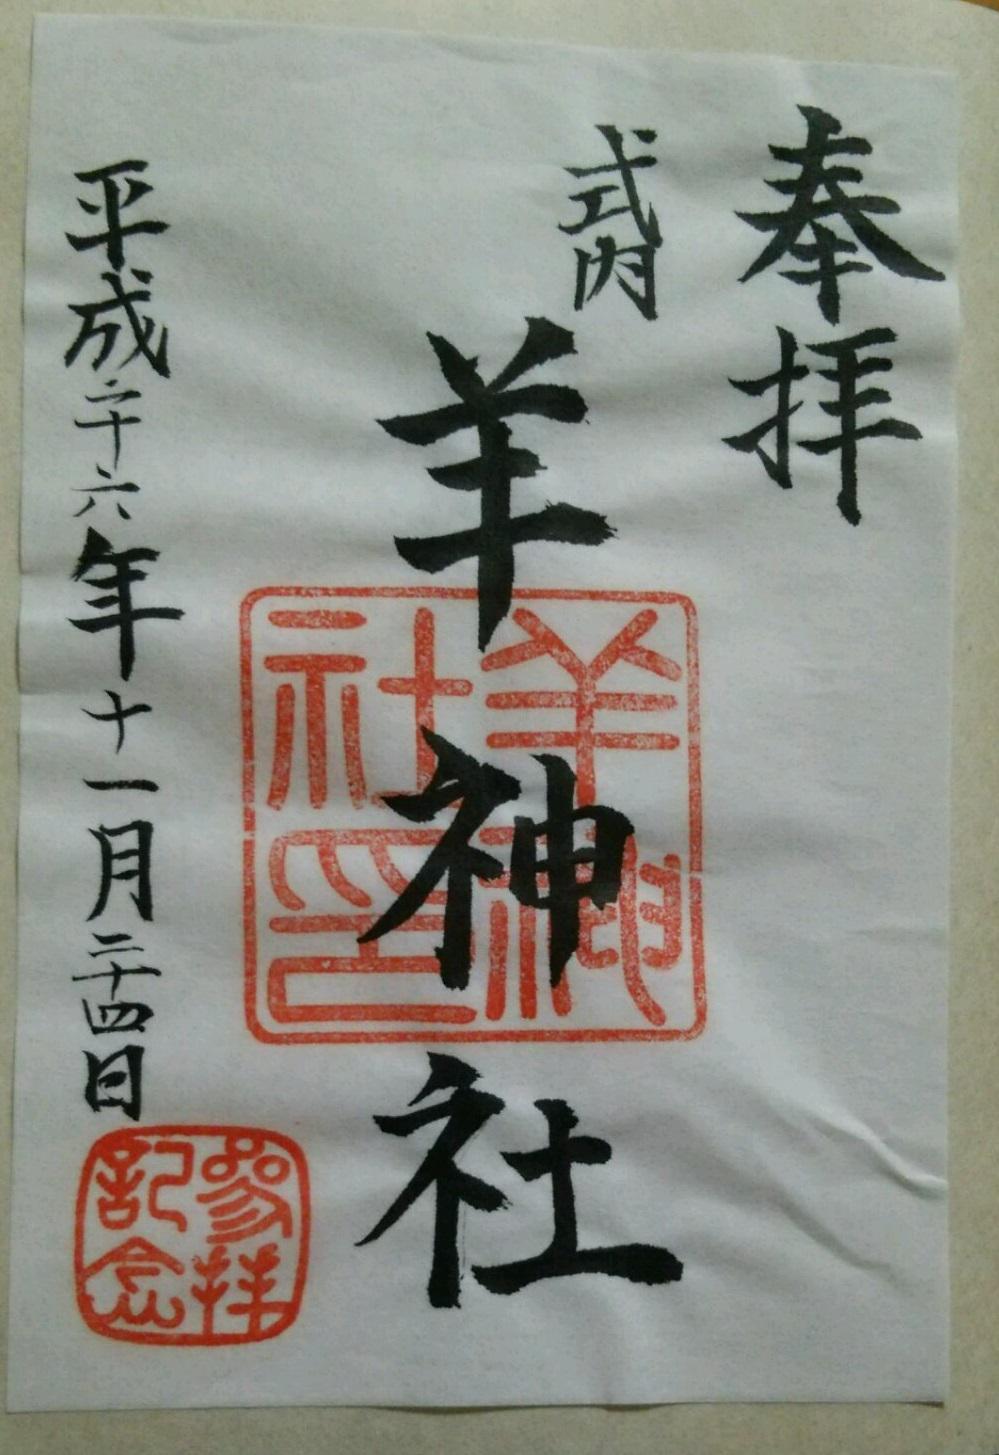 羊神社の御朱印(愛知県上飯田駅)